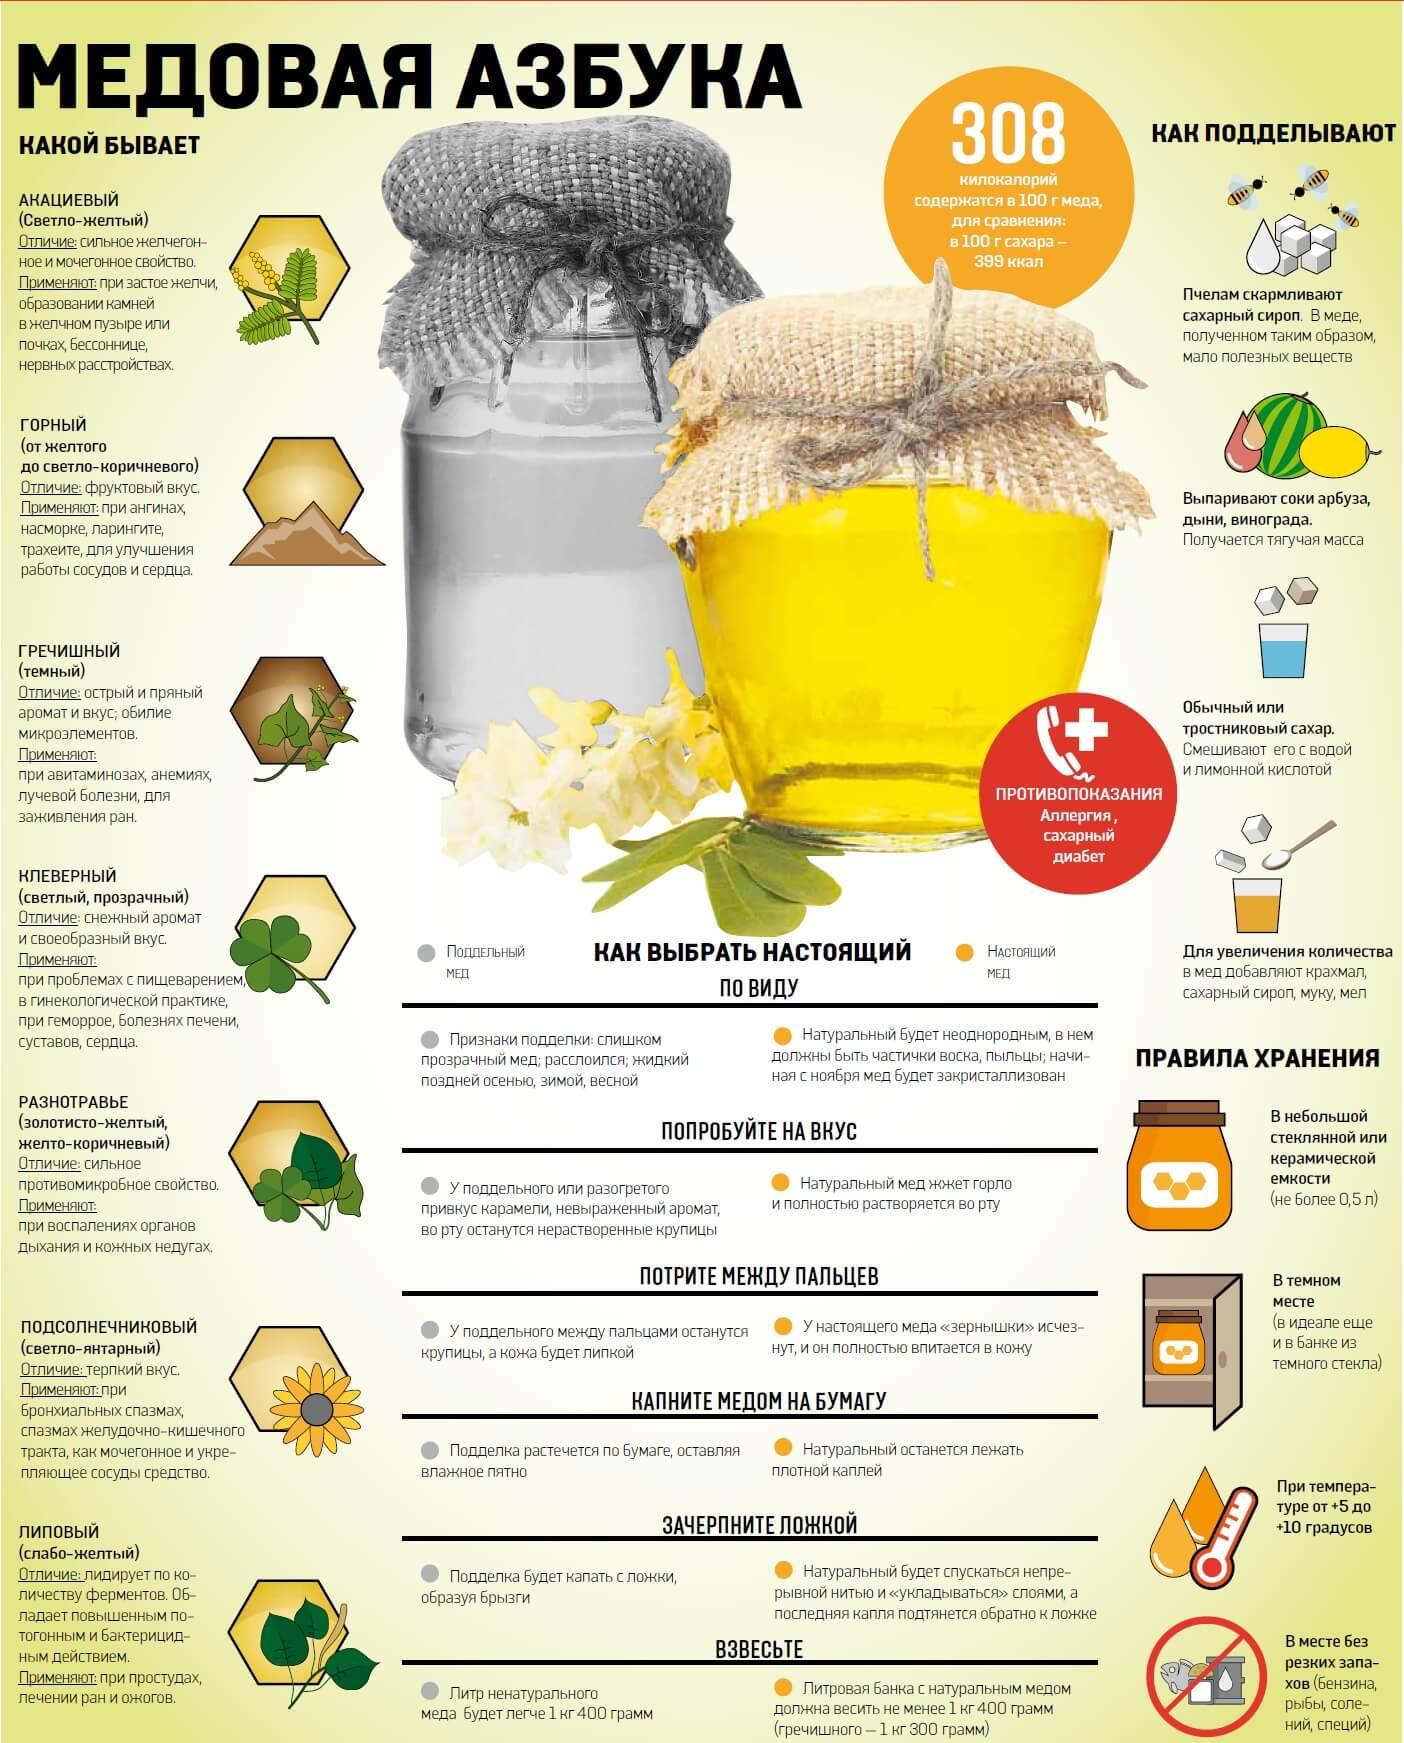 Медовая азбука, как выбрать, хранить, добывать мед